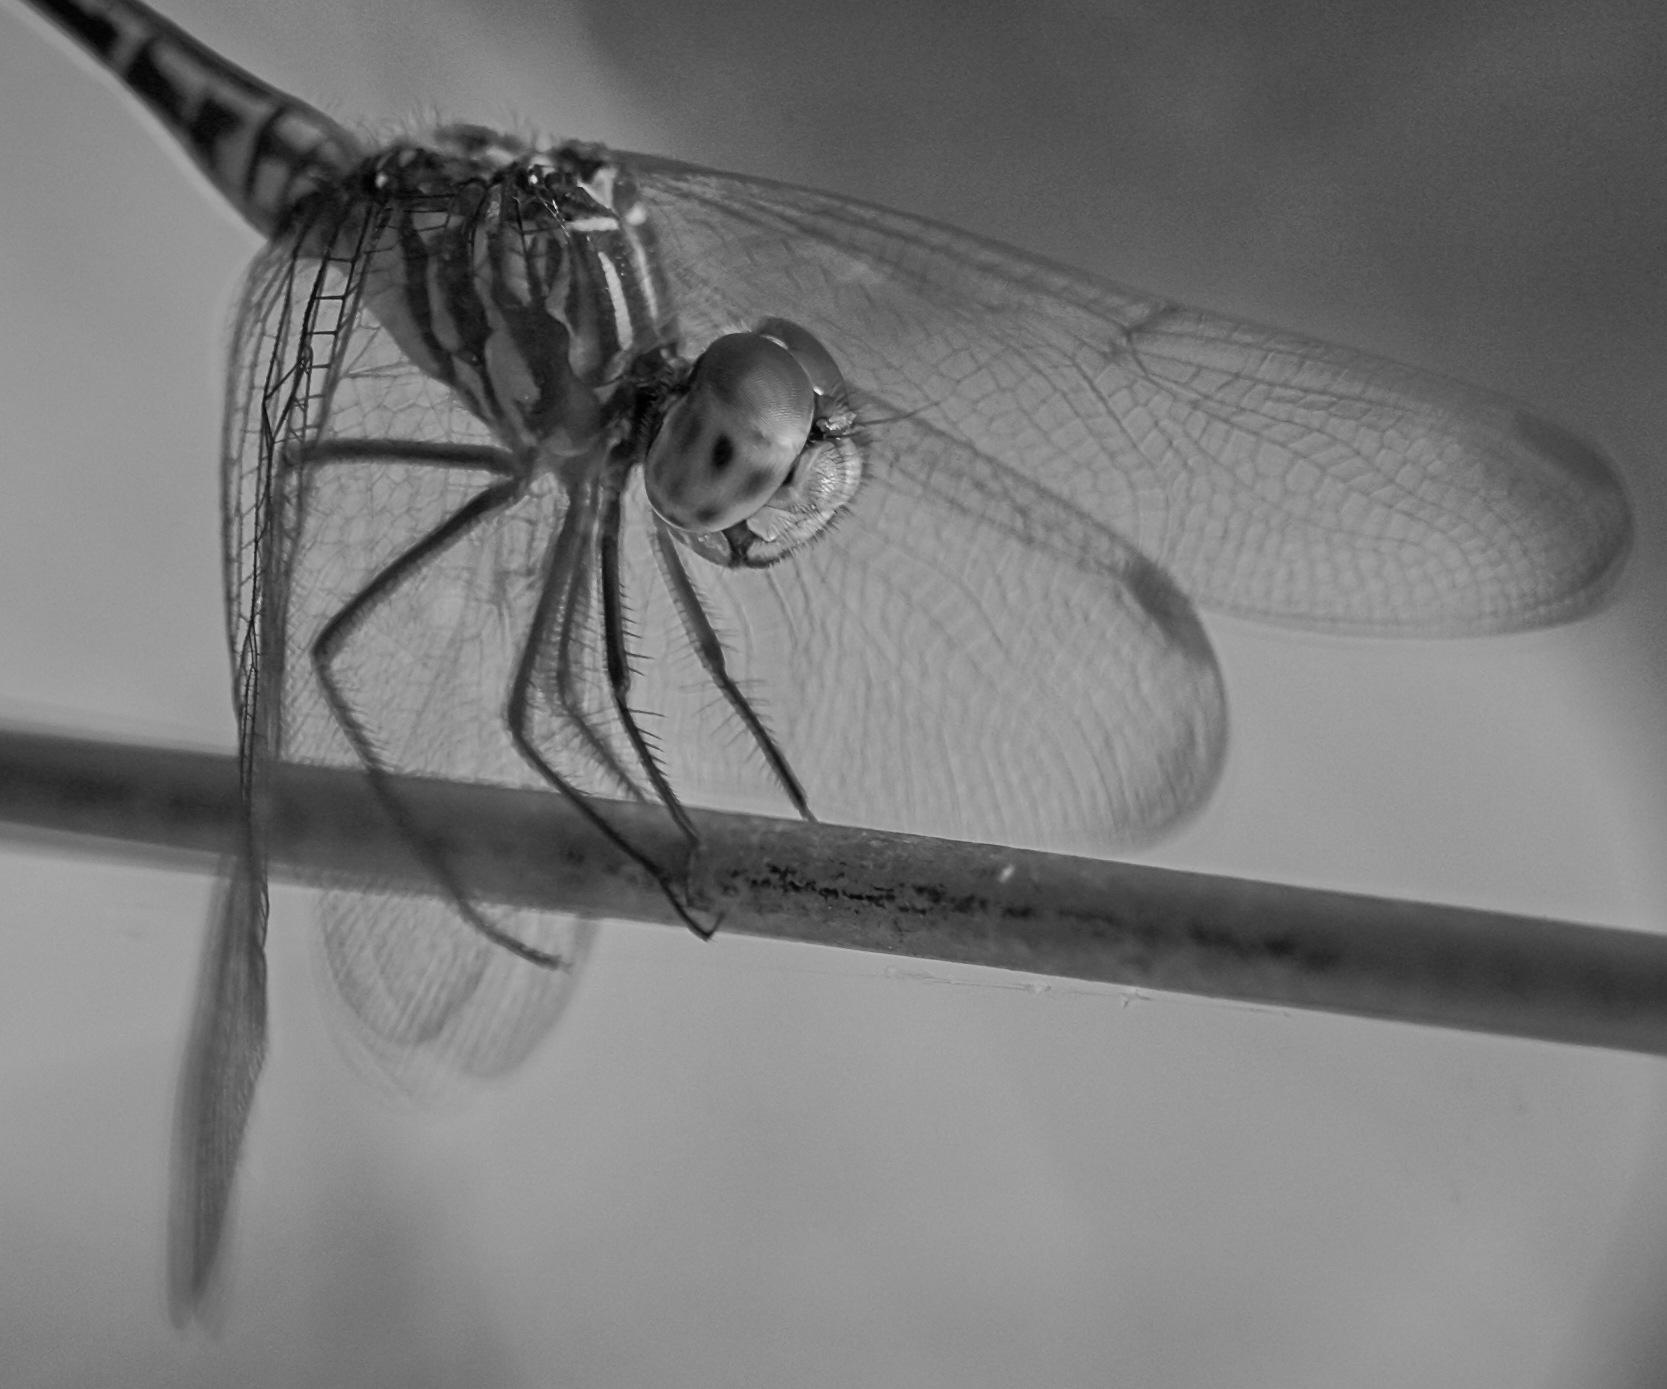 Dragonfly by German Dario Escobar Alvarez